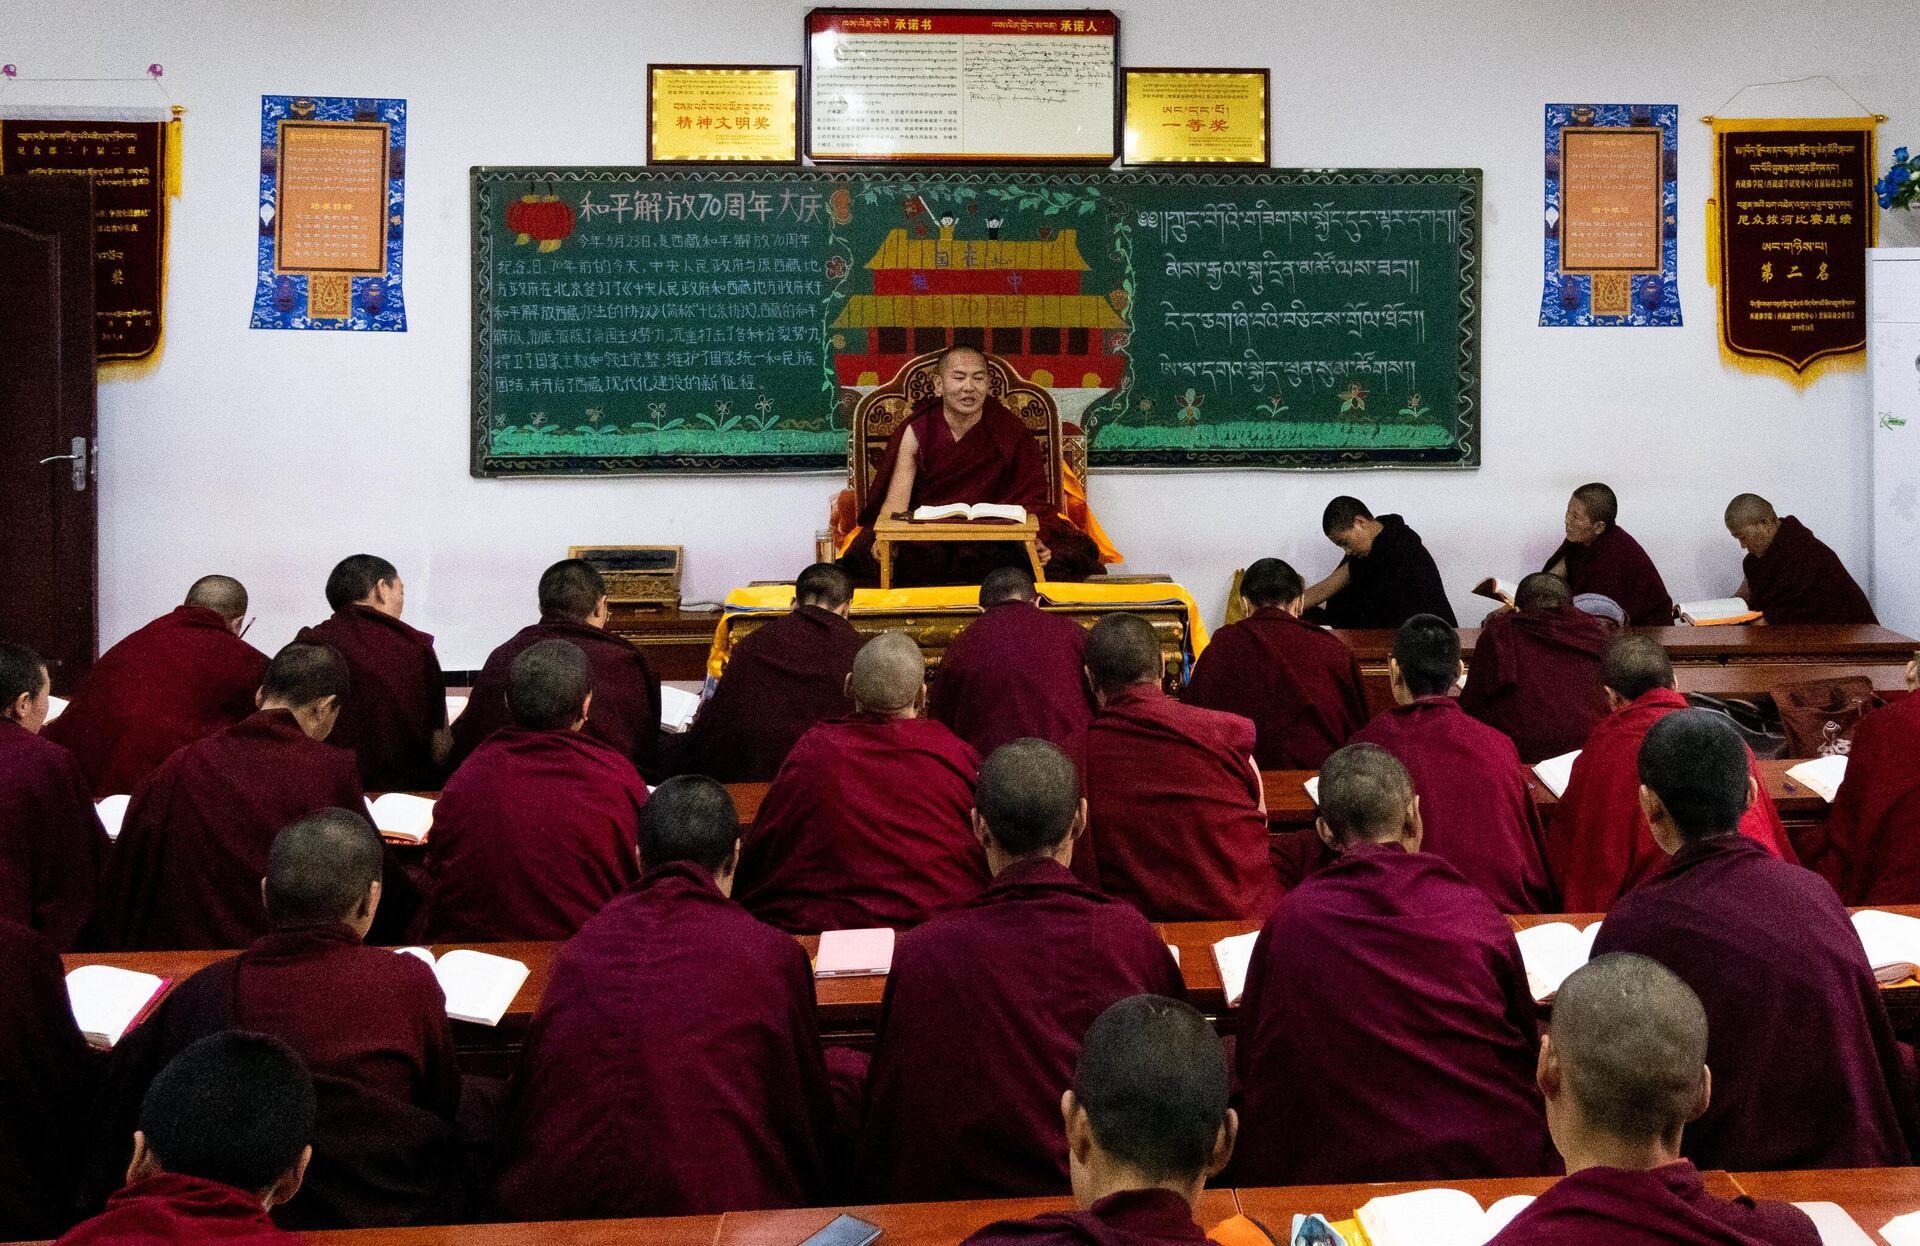 Преподаватель на занятиях в Буддистском институте в деревне Жэдуй городского округа Лхаса в Тибете - РИА Новости, 1920, 08.06.2021